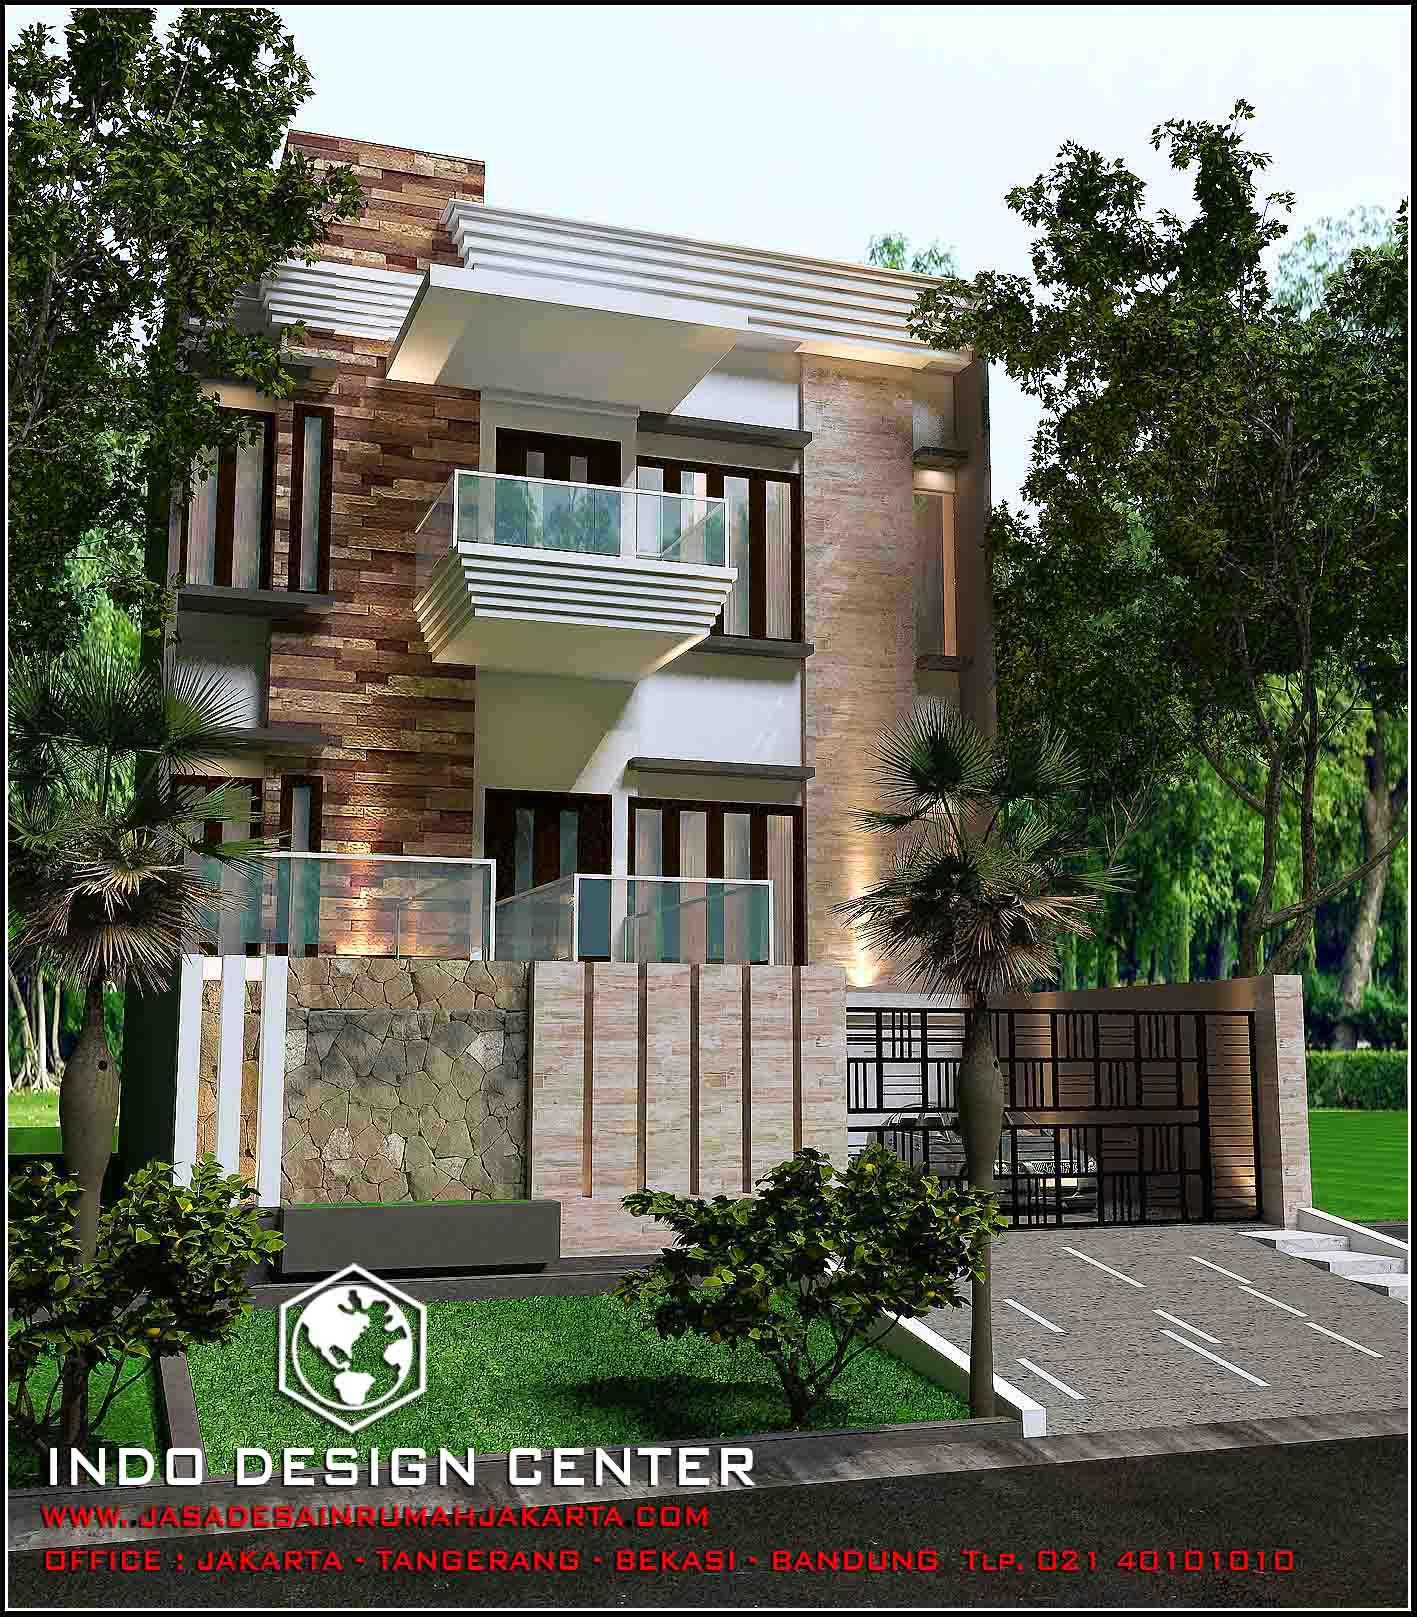 12 Desain Rumah Minimalis Modern 2 Lantai Mewah: Model Rumah Minimalis 2 Lantai Modern